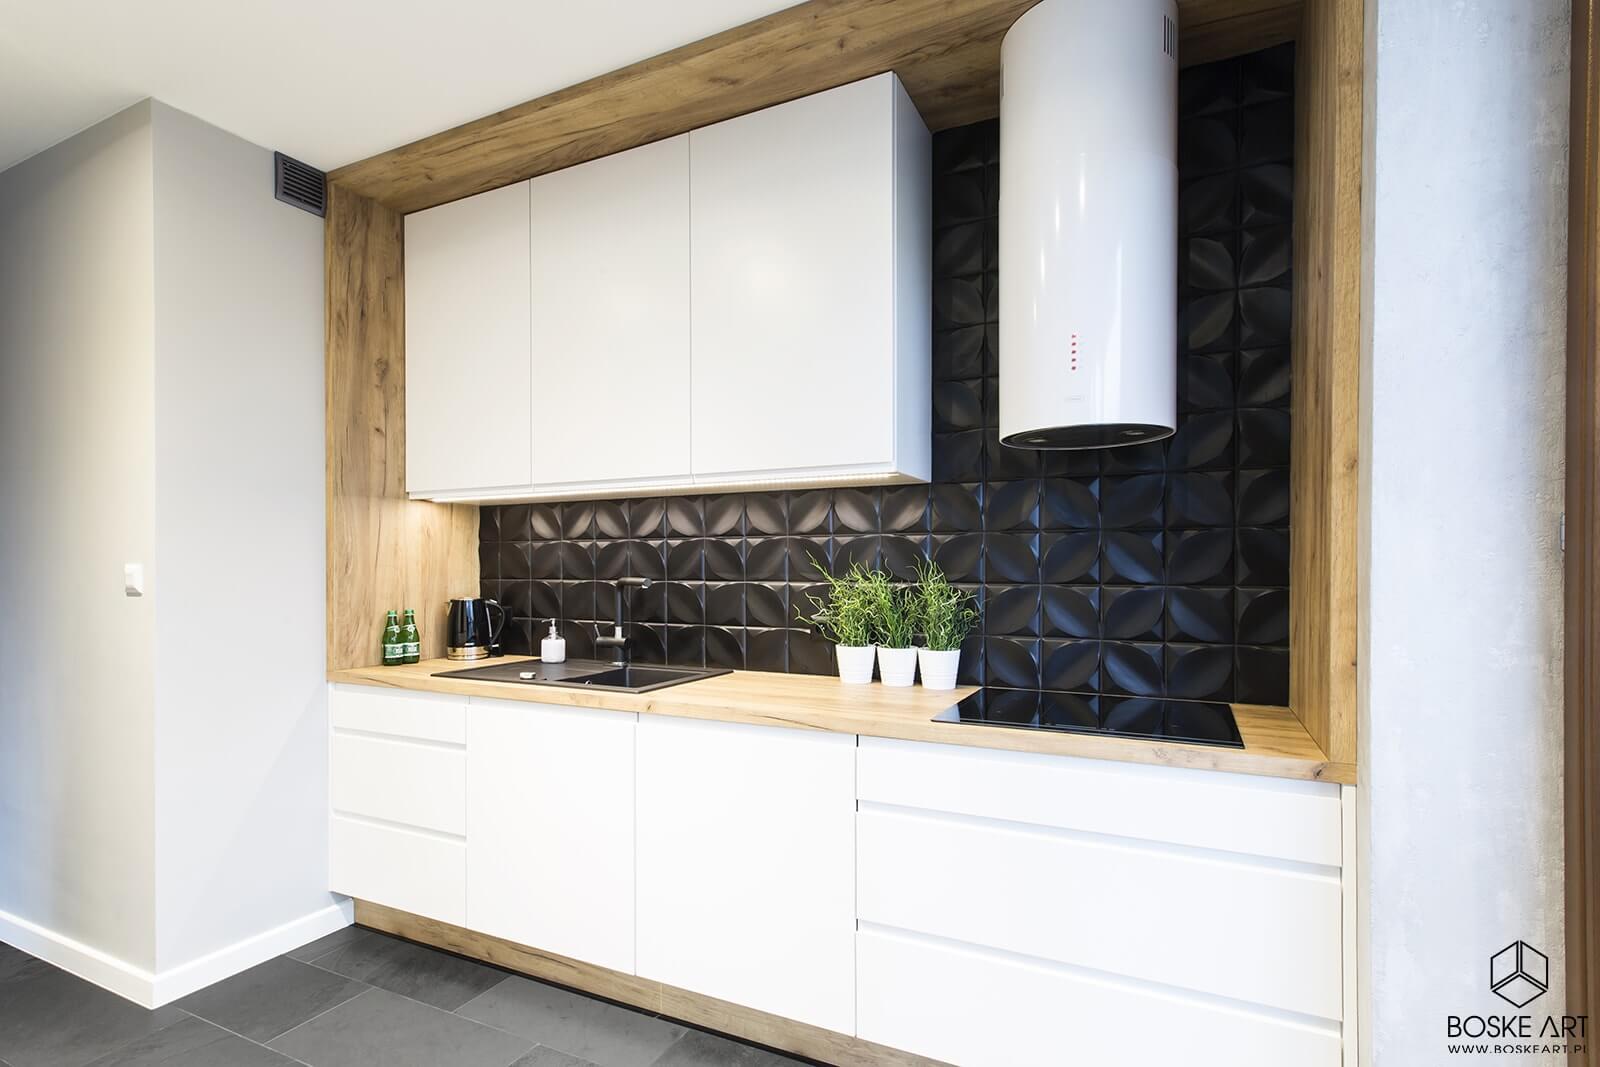 4_apartamenty_na_wynajem_poznan_boske_art_projektowanie_aranzacja_architektura_wnetrz_natalia_robaszkeiwicz-min